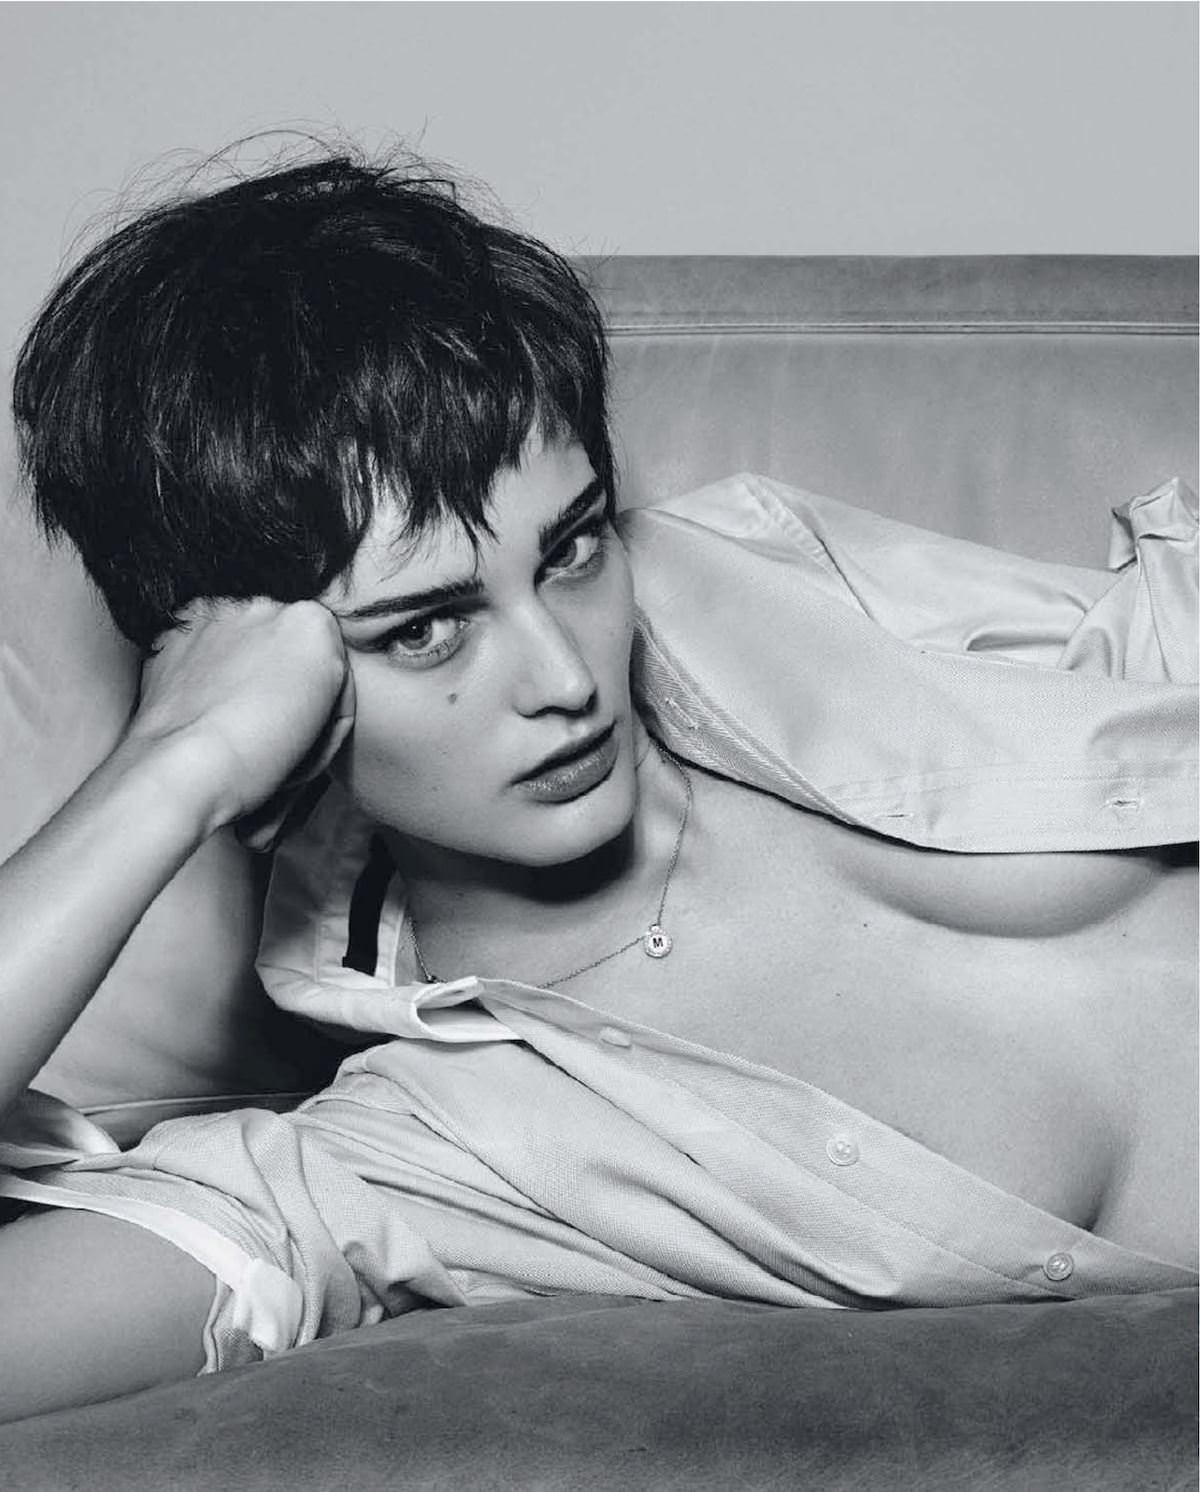 【外人】めっちゃ美しいシブイ・ナザレンコ(Sibui Nazarenko)ロシア人のセミヌードポルノ画像 2937